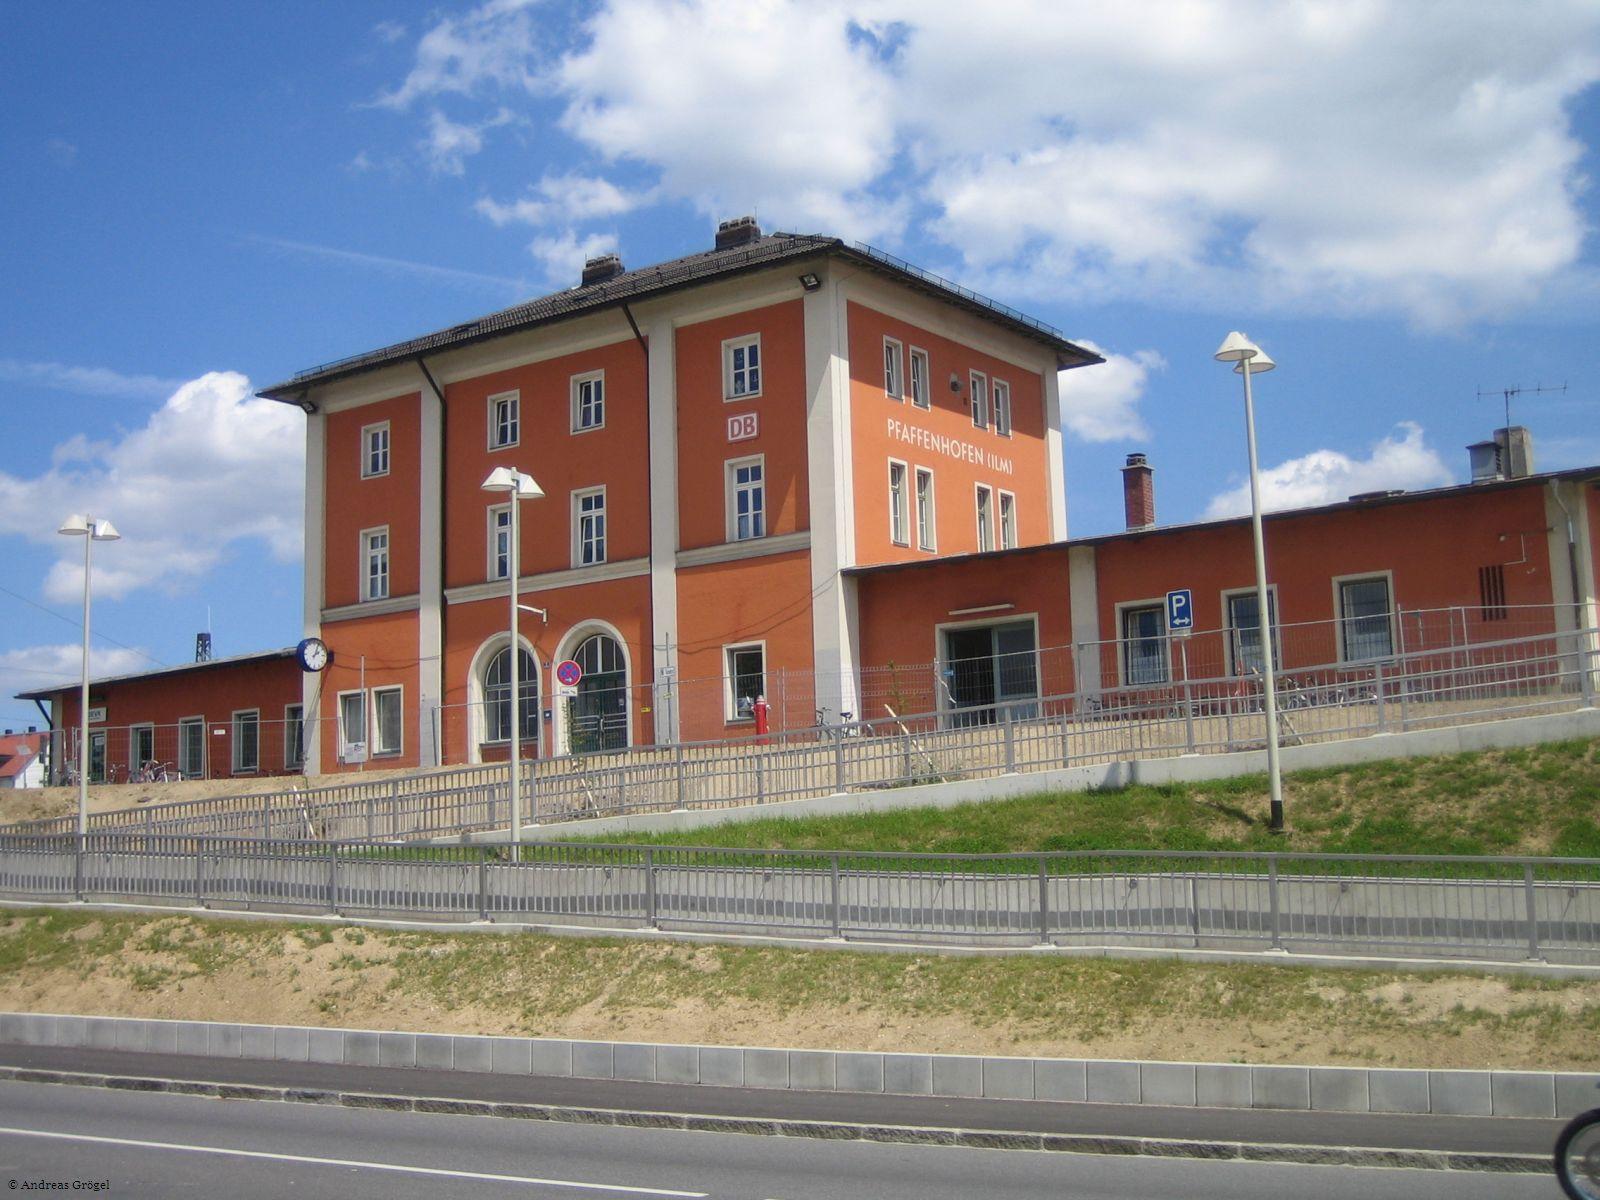 Bahnhof von vorne